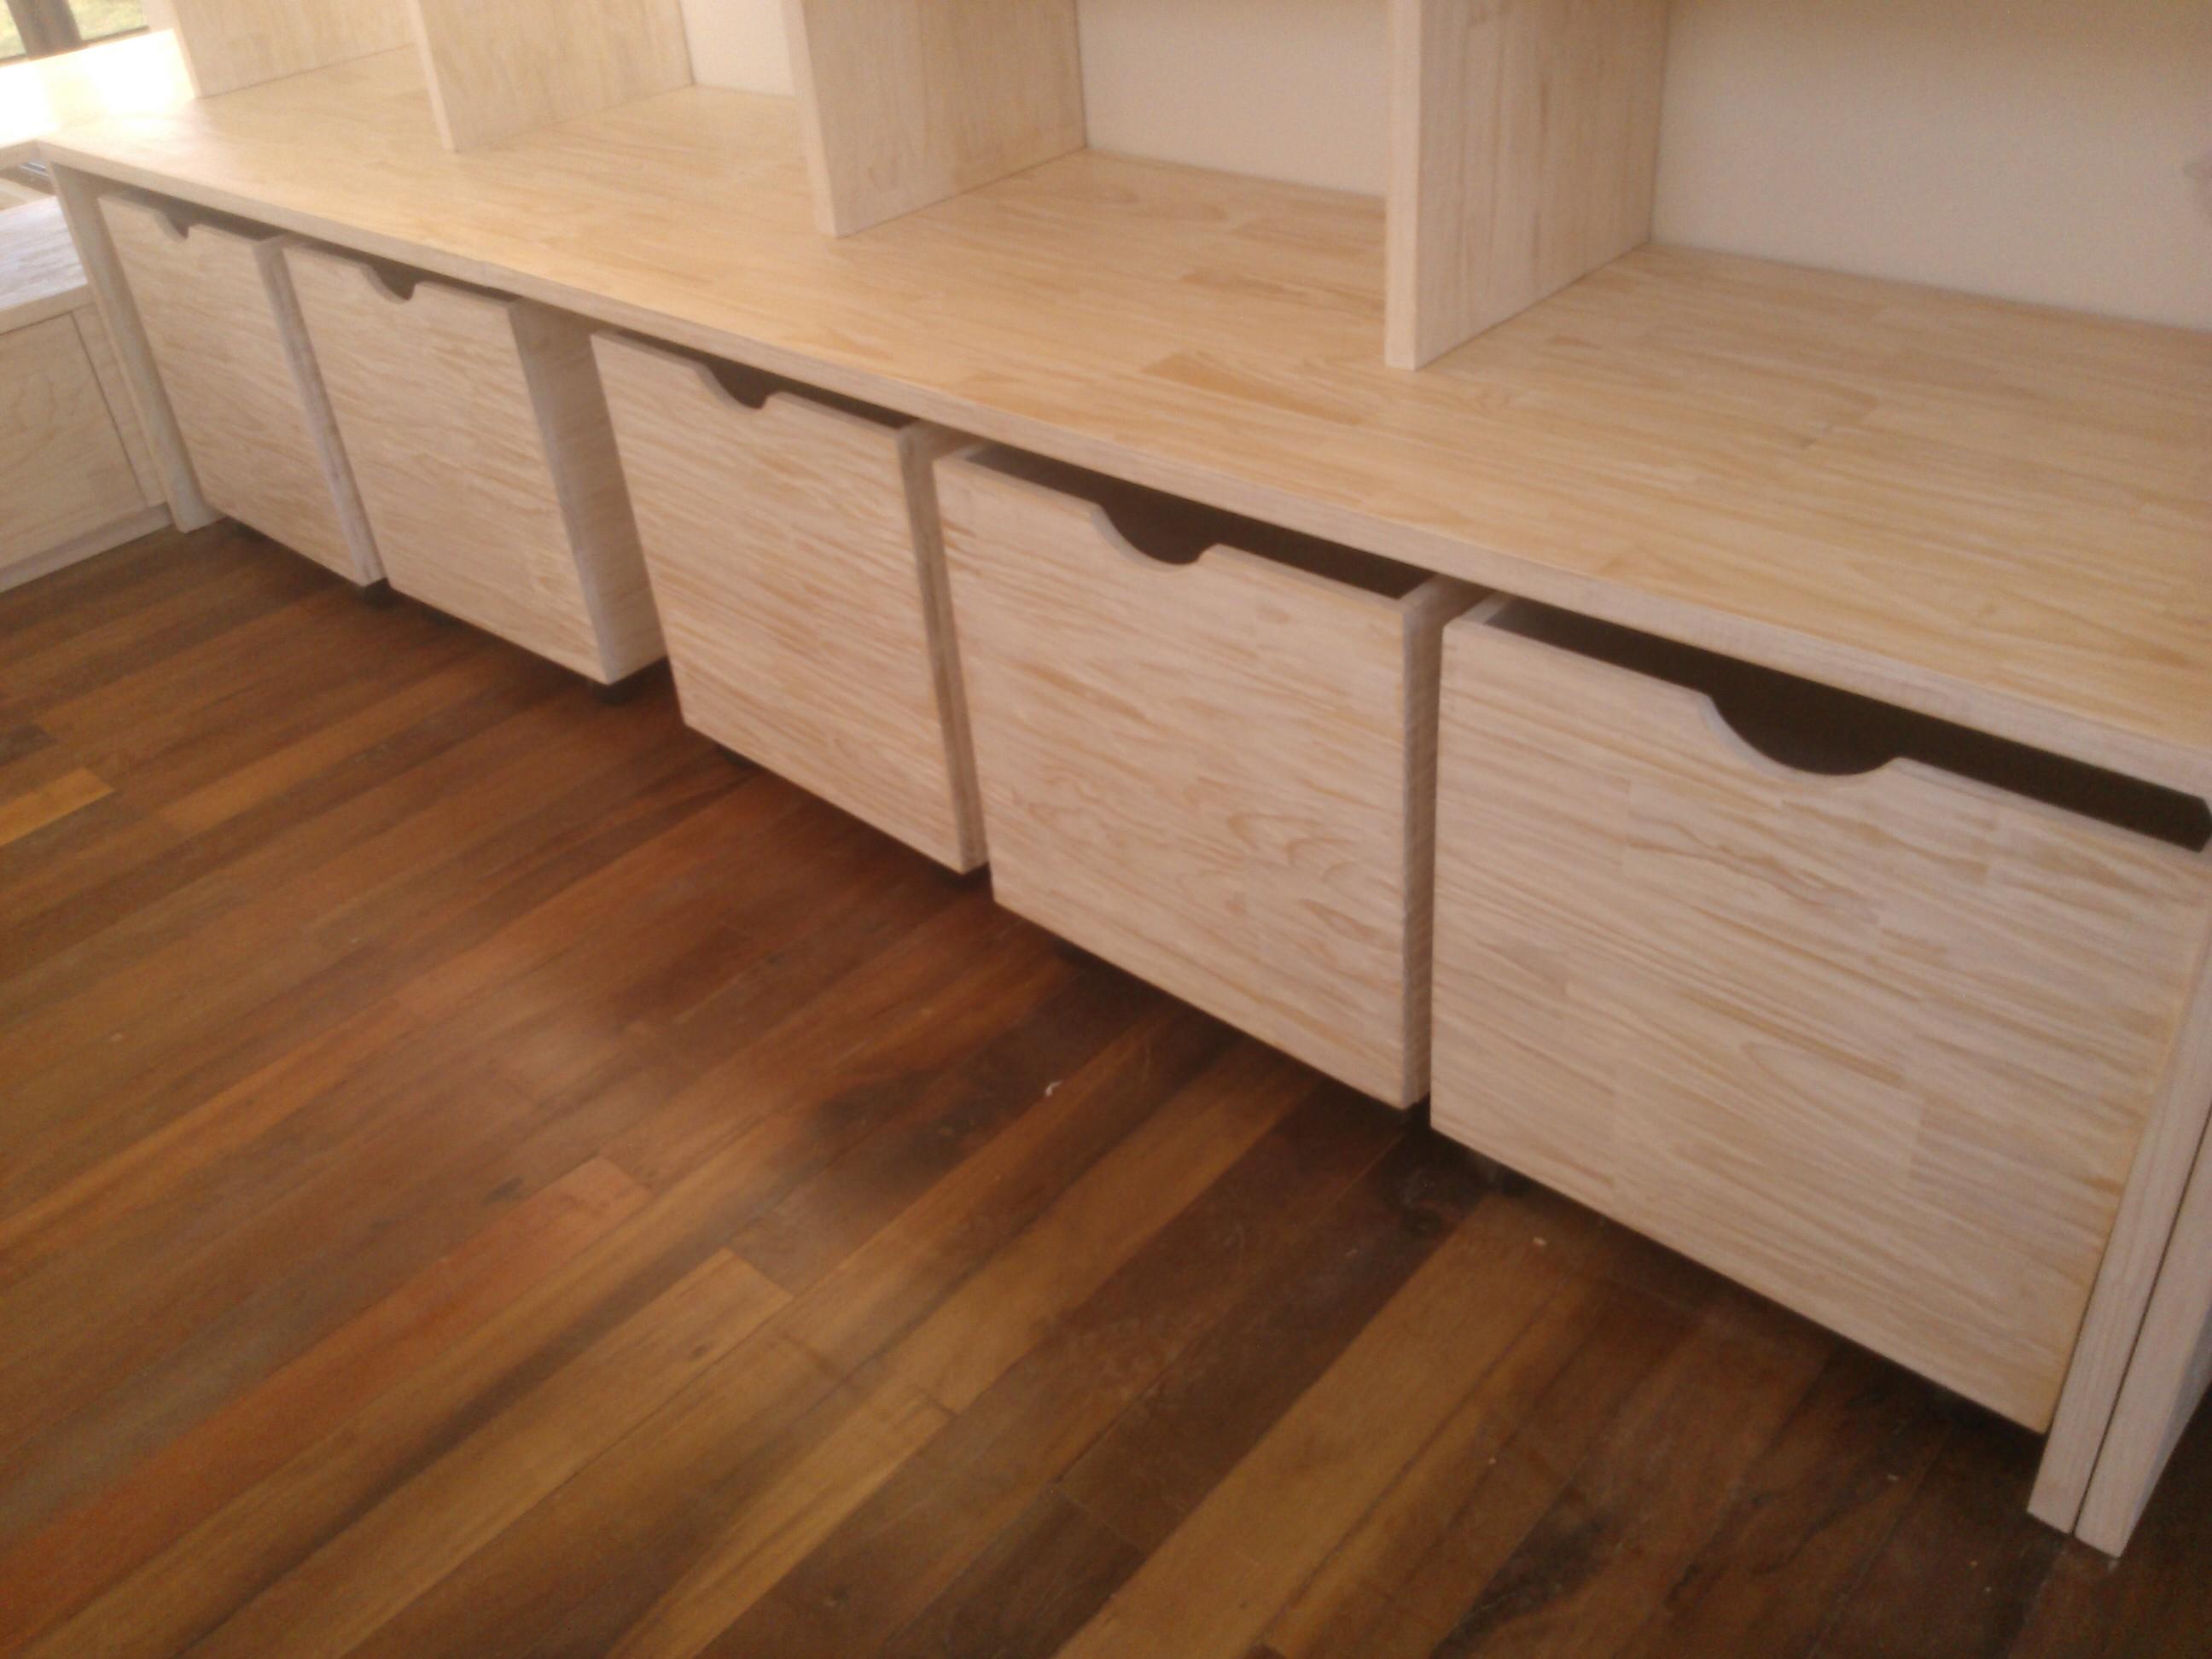 Muebles refolio obtenga ideas dise o de muebles para su hogar aqu - Muebles tuco badajoz ...